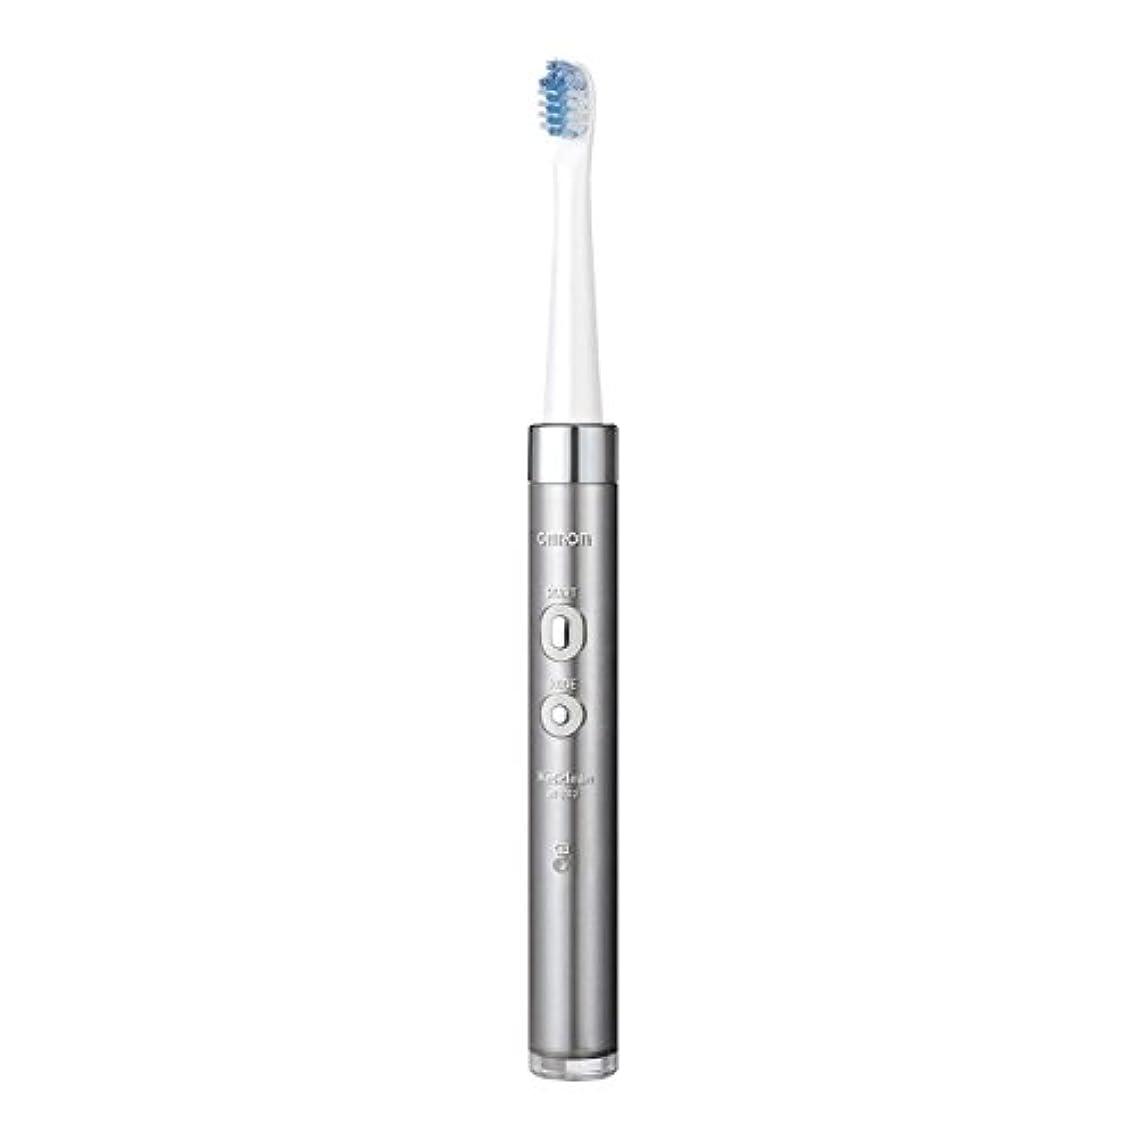 情熱含む欠席オムロンヘルスケア 音波式電動歯ブラシ HT-B312-SL シルバー